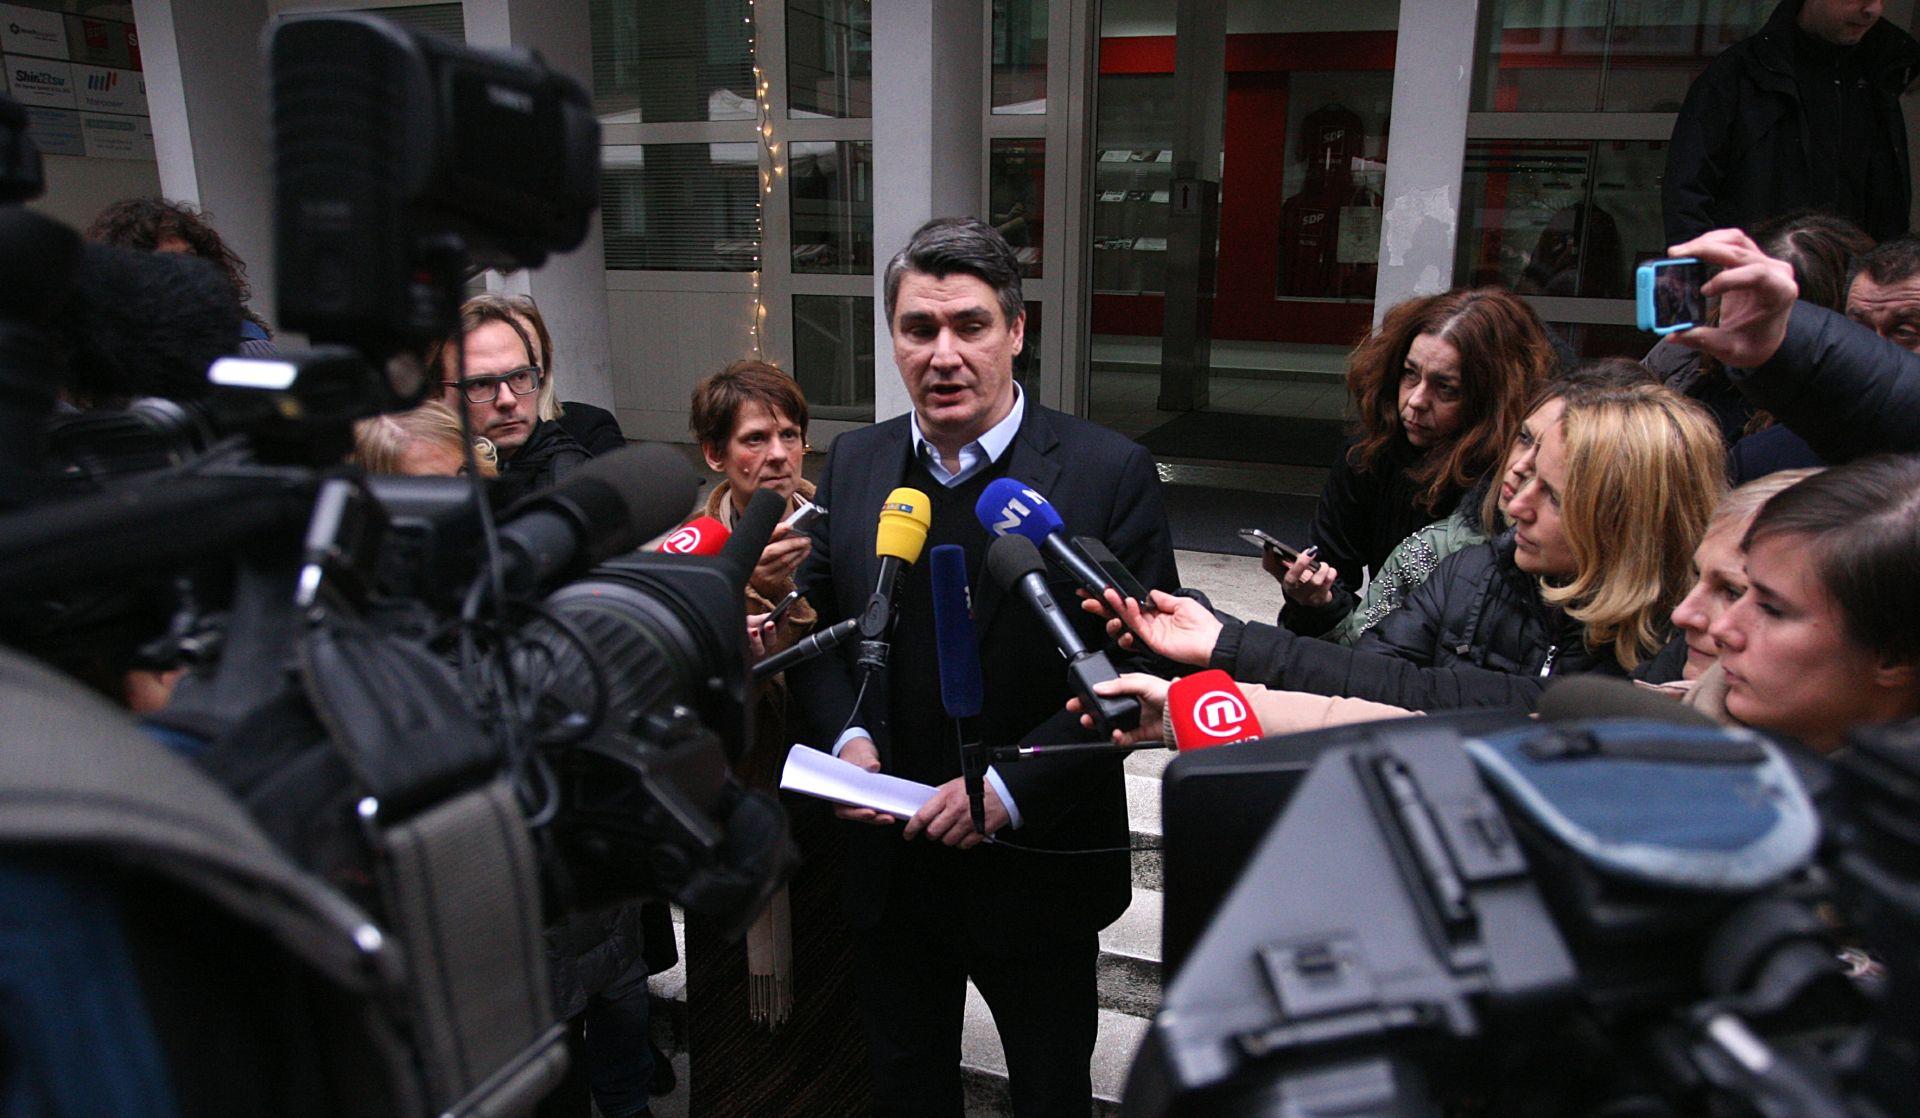 PREGOVARAČKI PROCESI: SDP- Primakli smo se preduvjetima Mosta za nastavak pregovora, HDZ ih zavlači